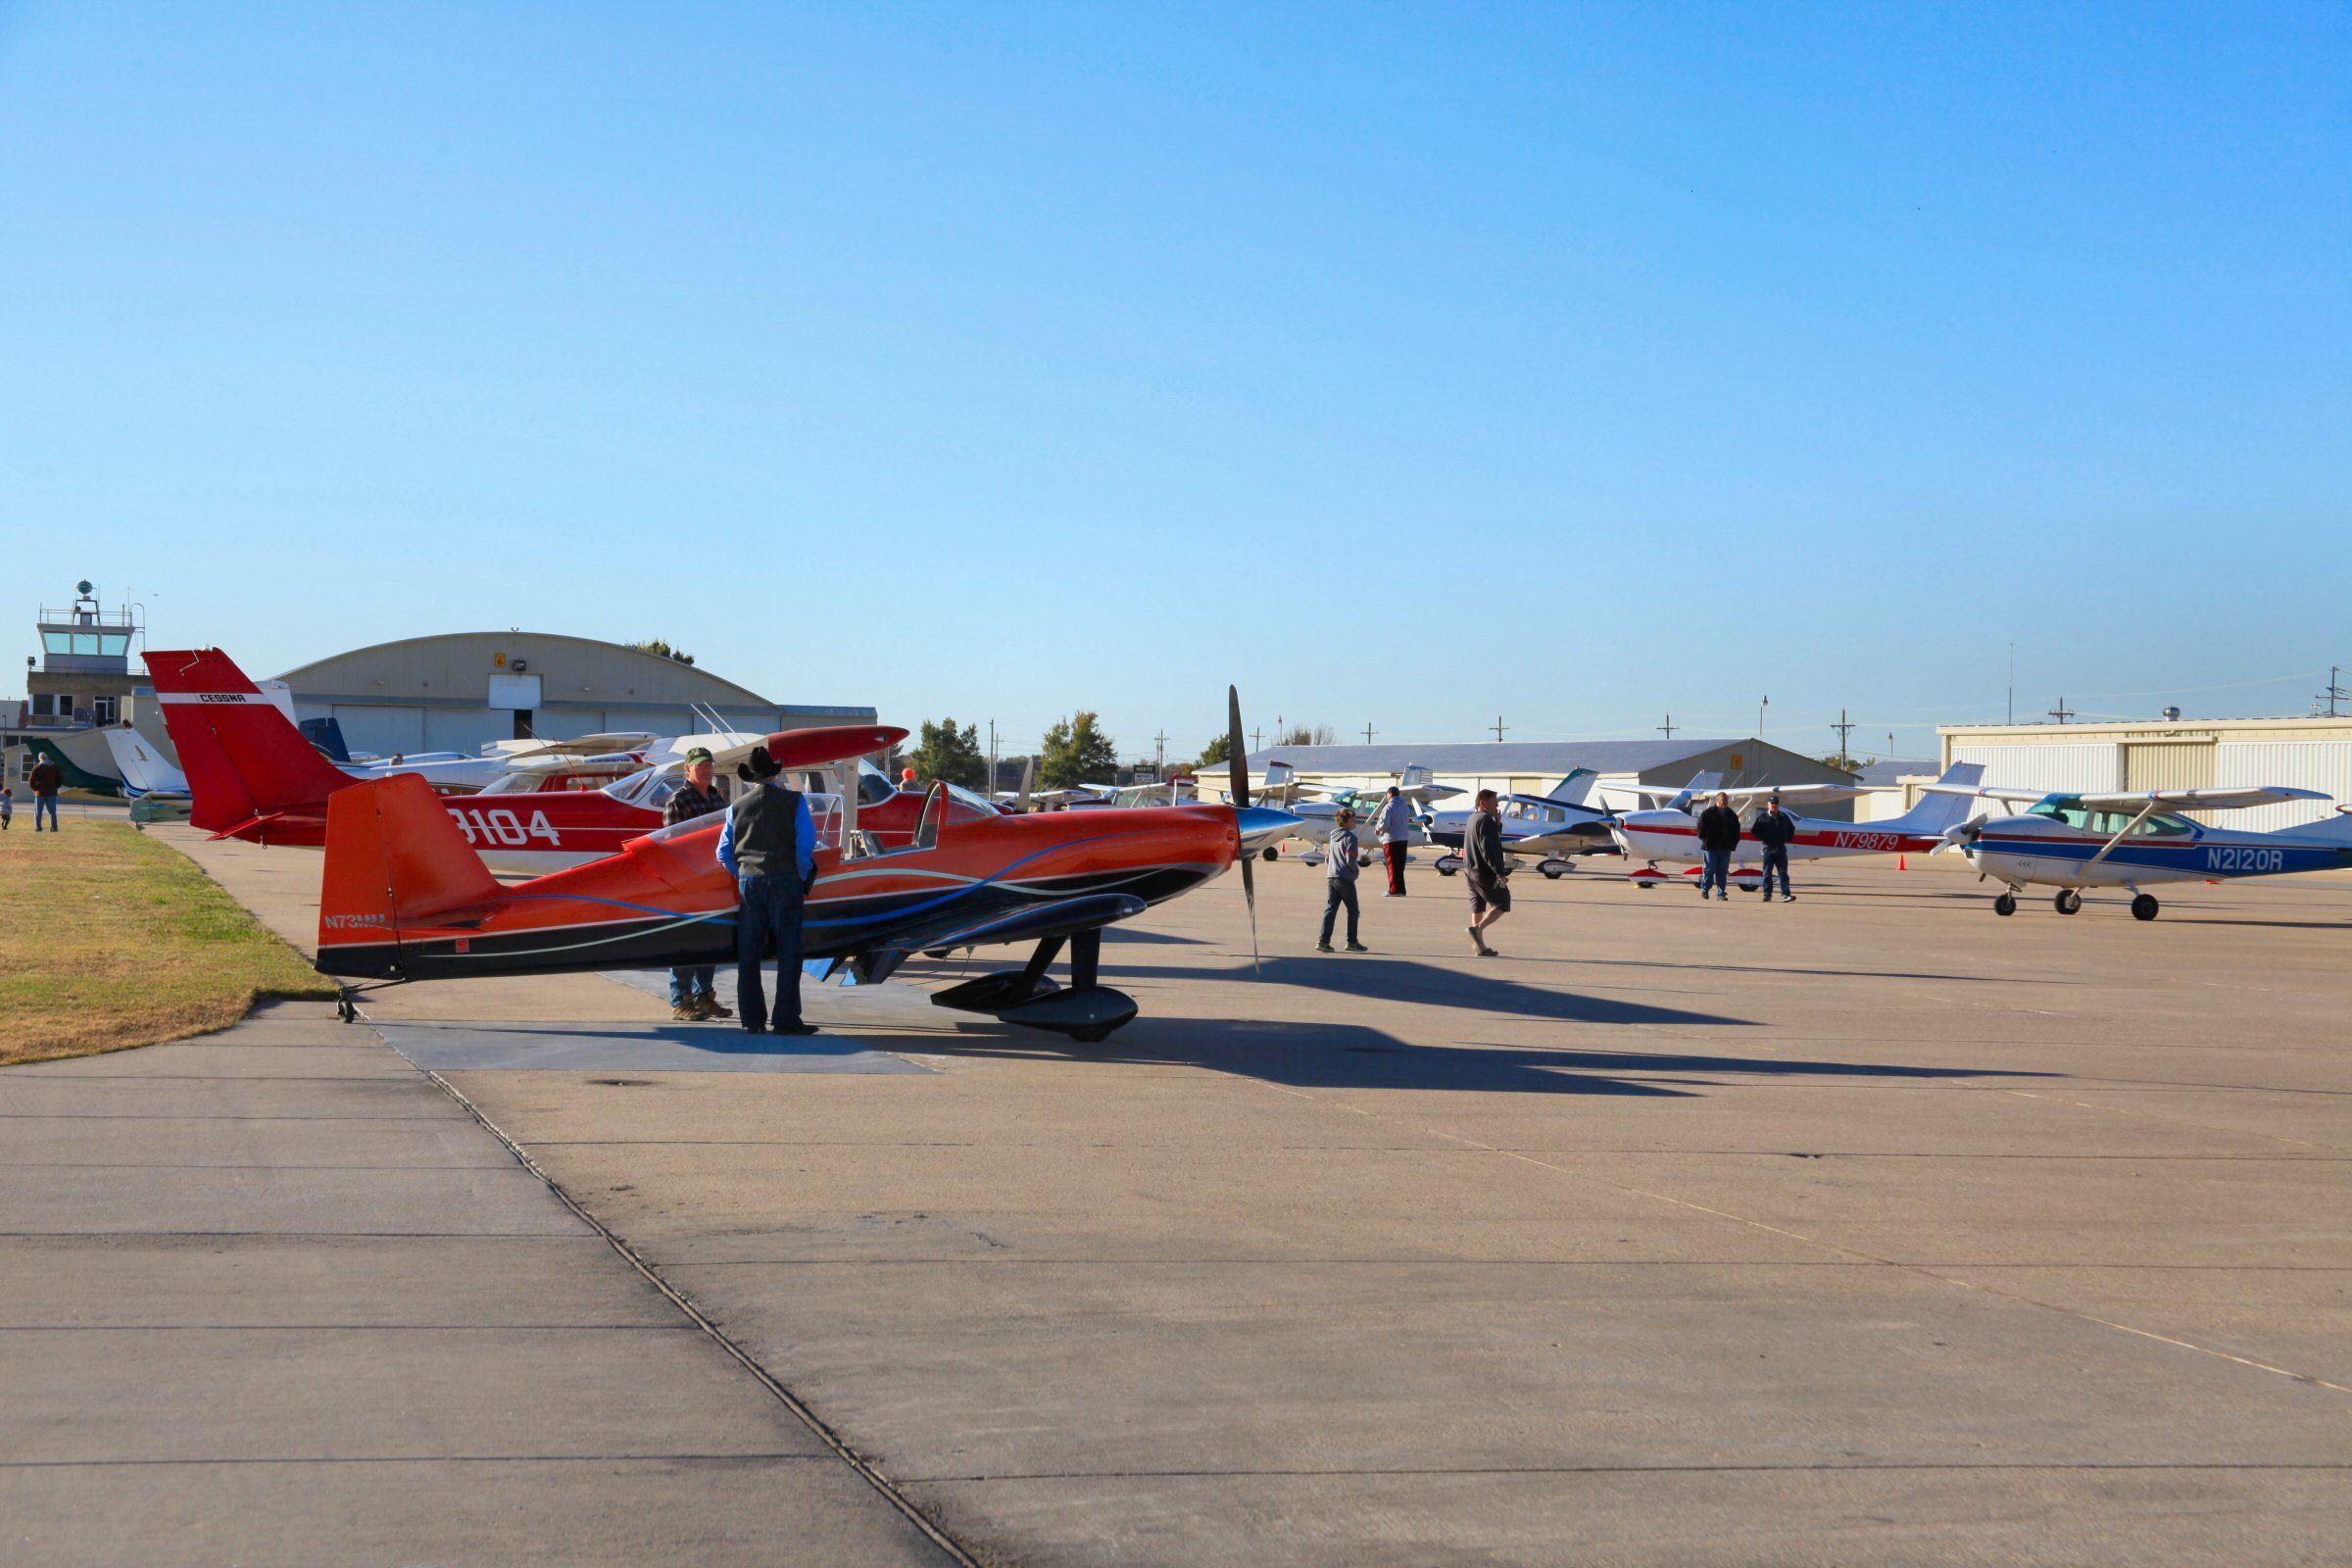 Ramp Aircraft - November 7 2015